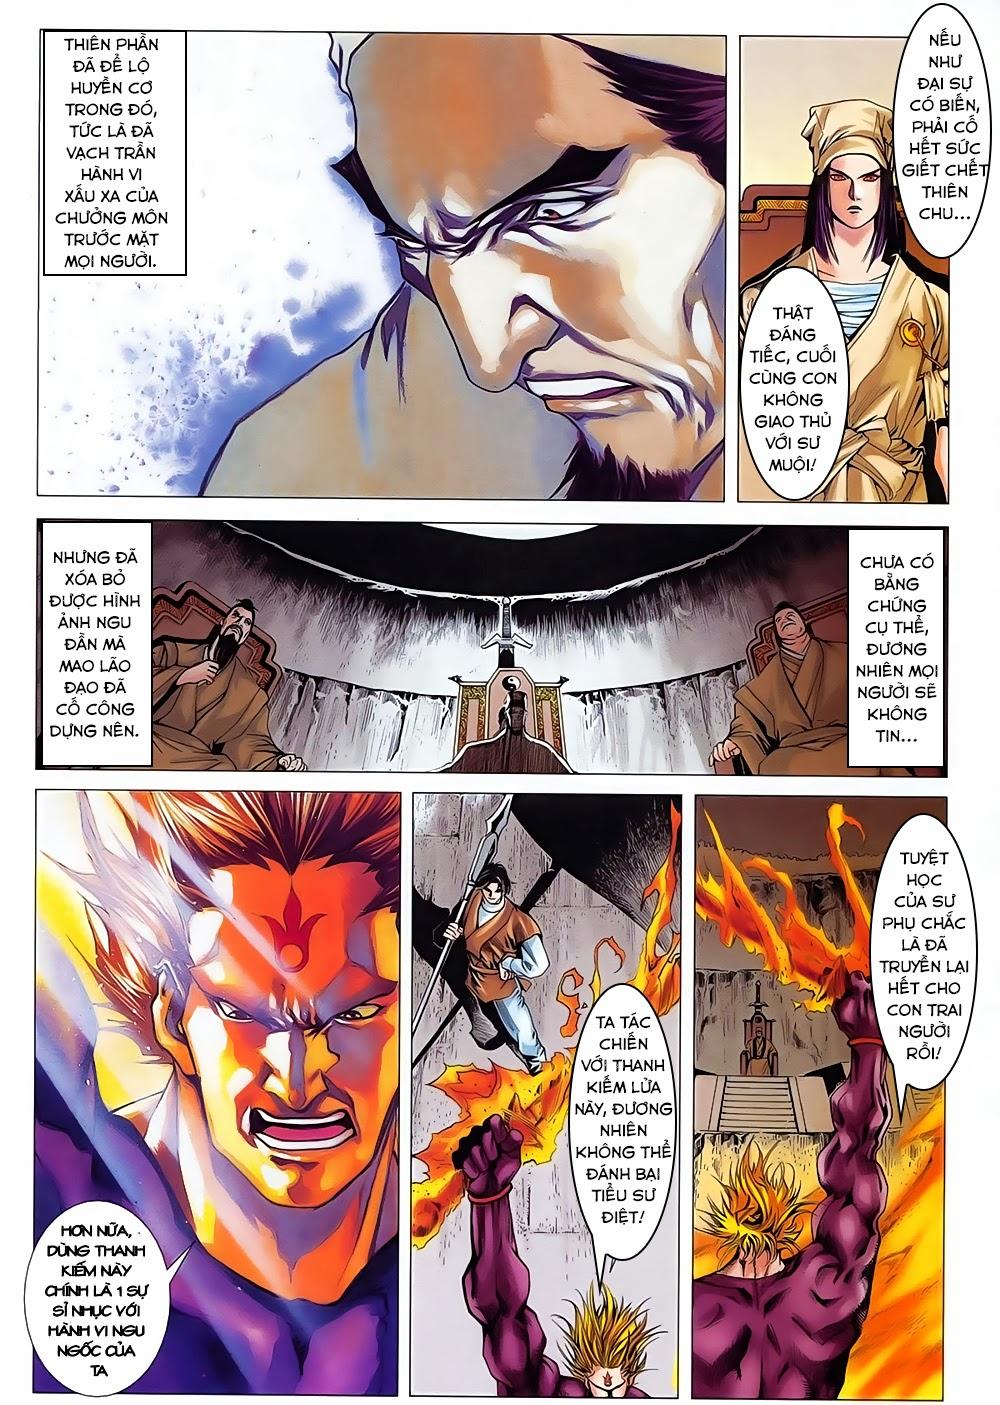 Lục Đạo Thiên Thư chap 31 - Trang 6